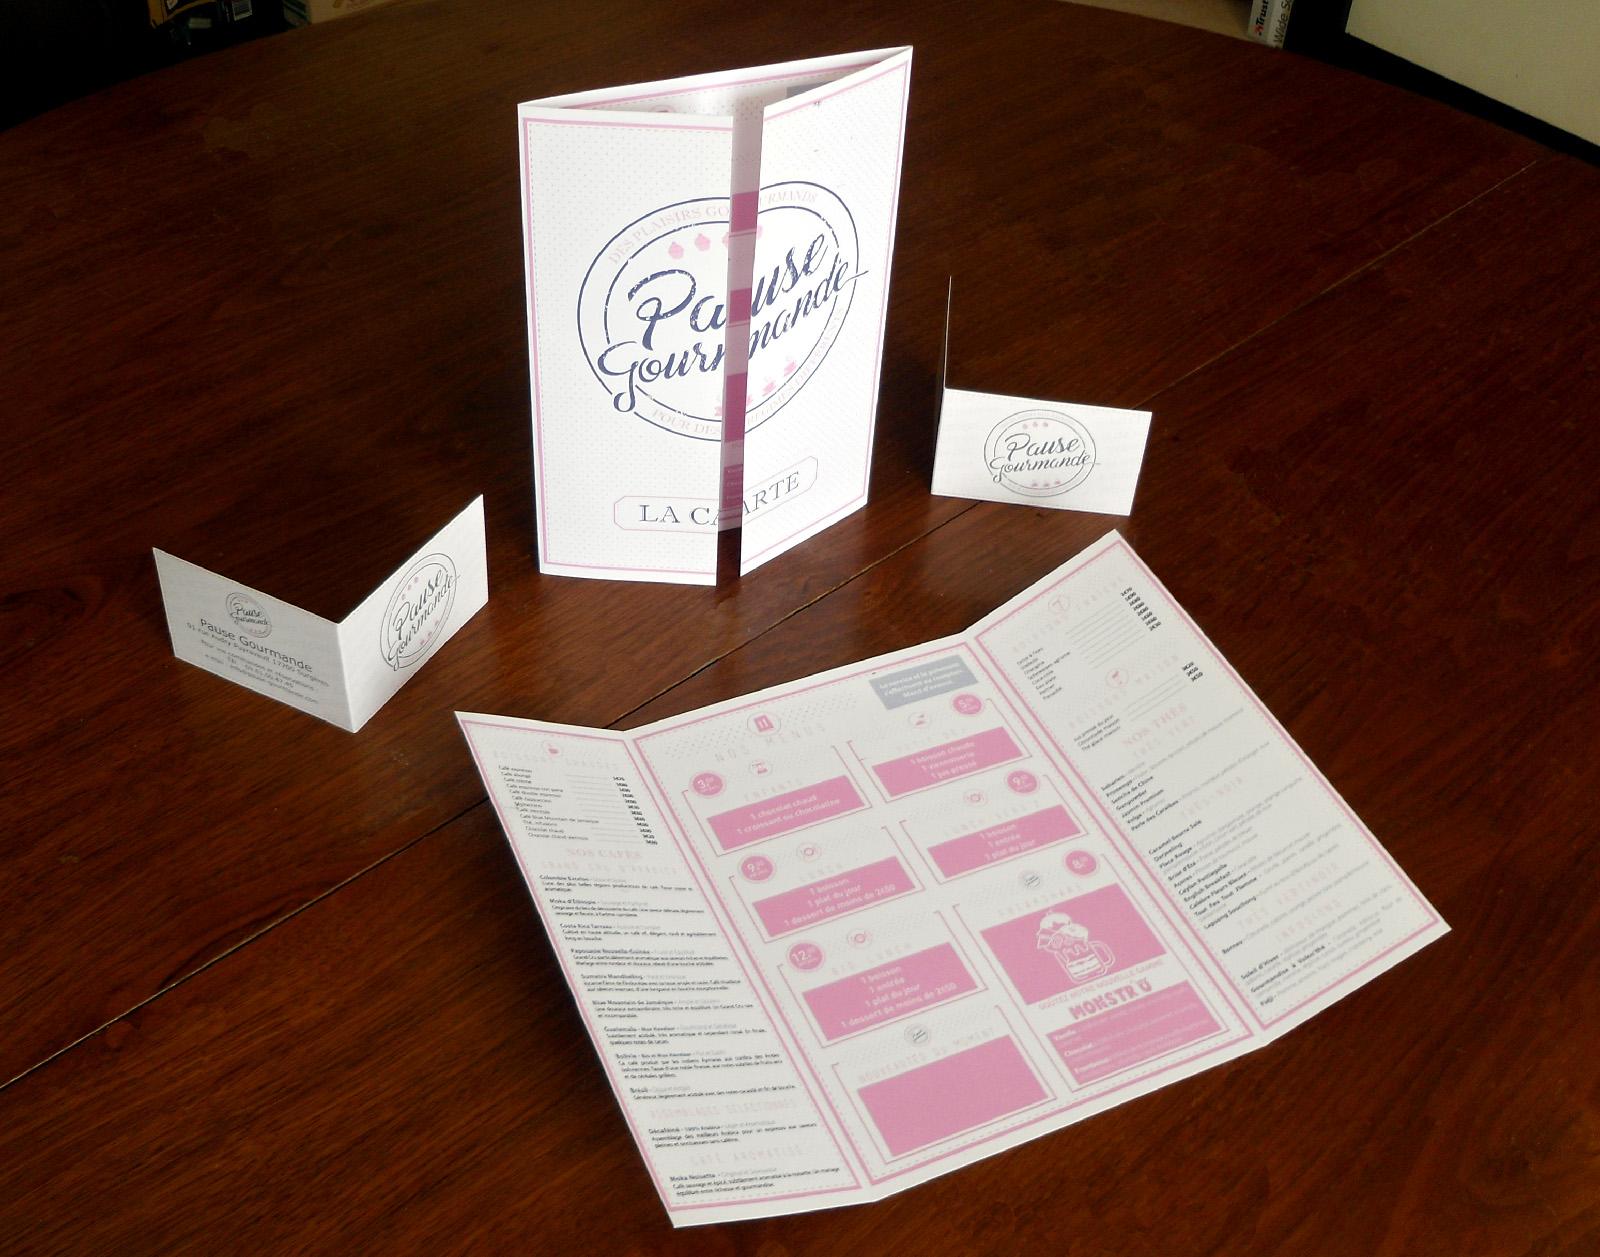 Présentation de la carte des menus et des cartes de fidélité